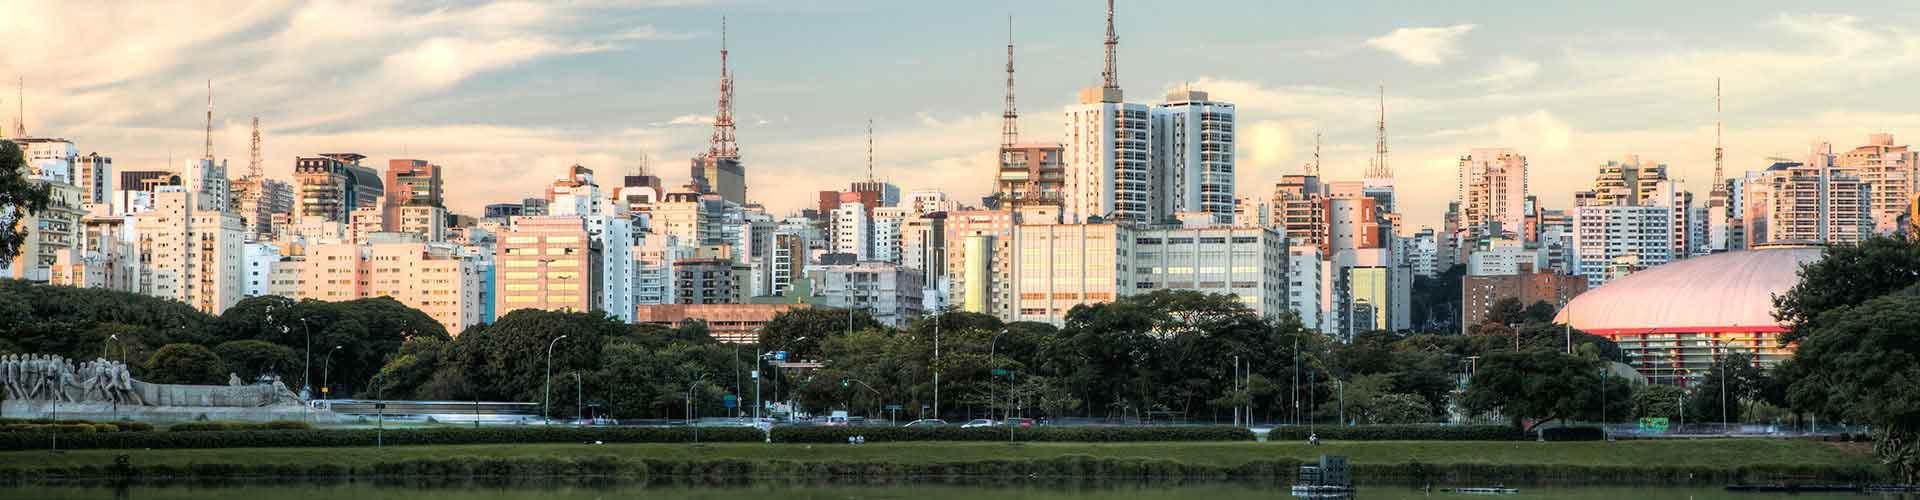 Sao Paulo - Chambres pas chères dans le quartier de Mooca. Cartes pour Sao Paulo, photos et commentaires pour chaque chambre à Sao Paulo.